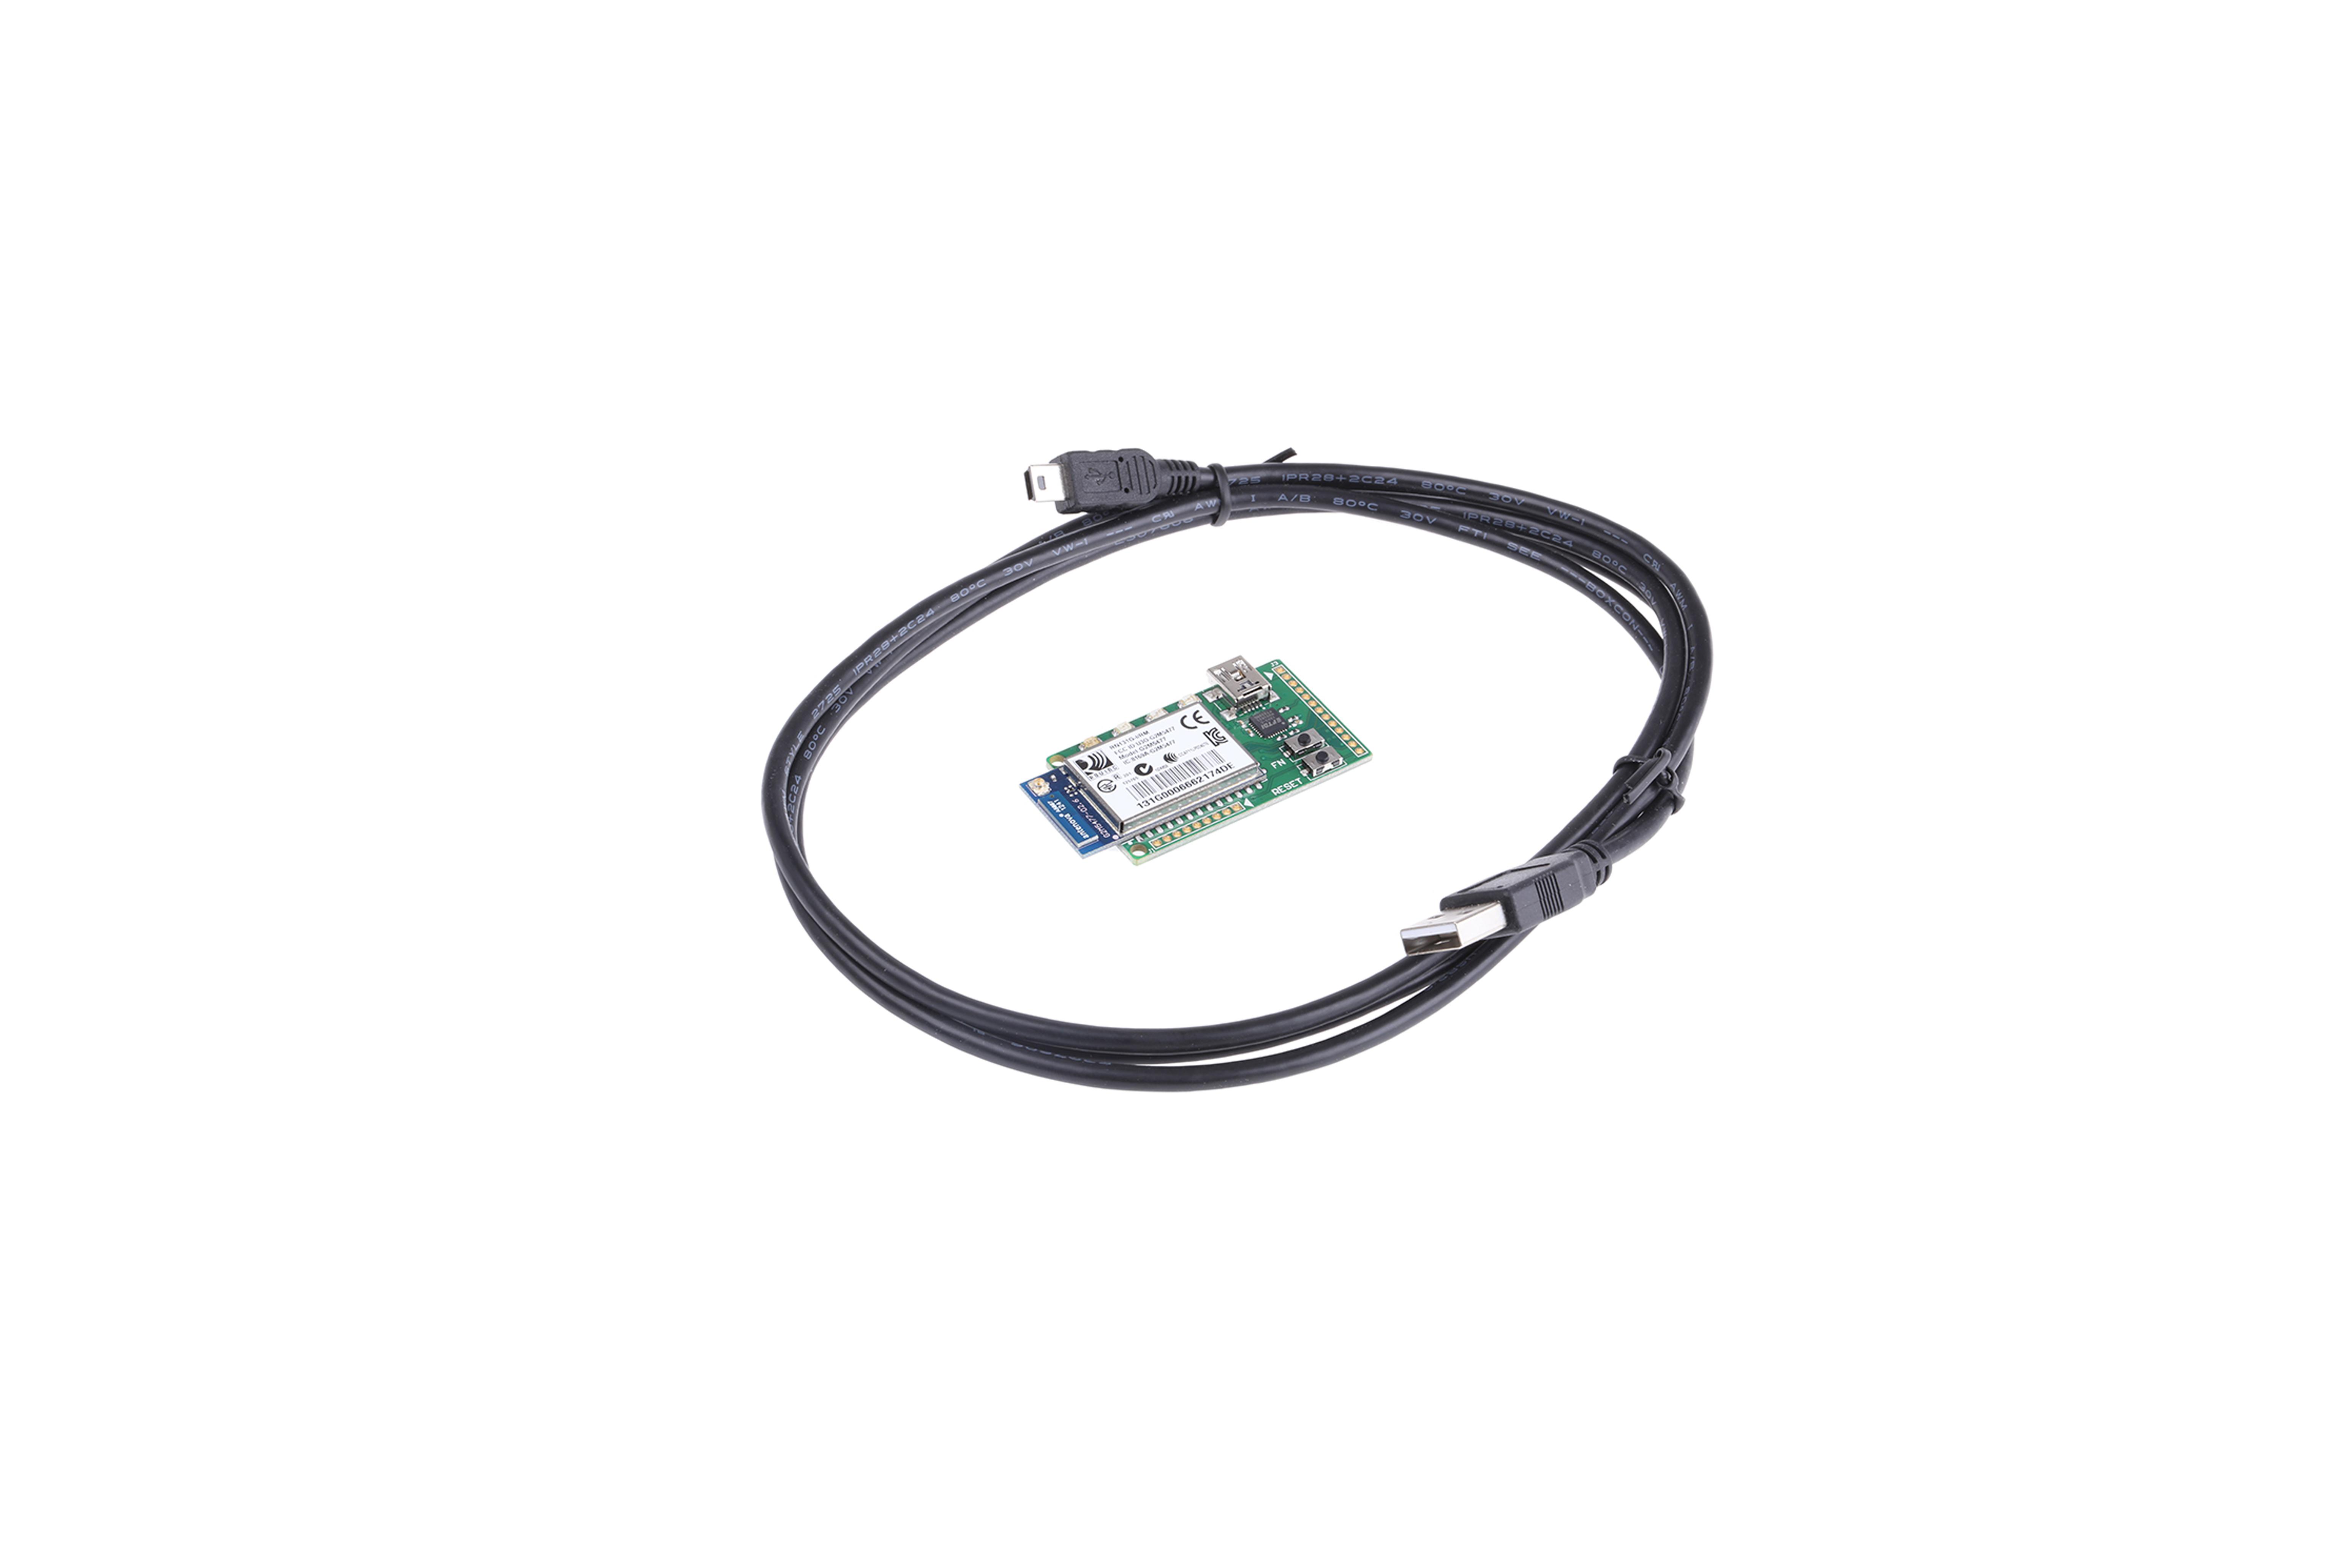 KIT DI VALUTAZIONE USB MODULO WI-FI RN131